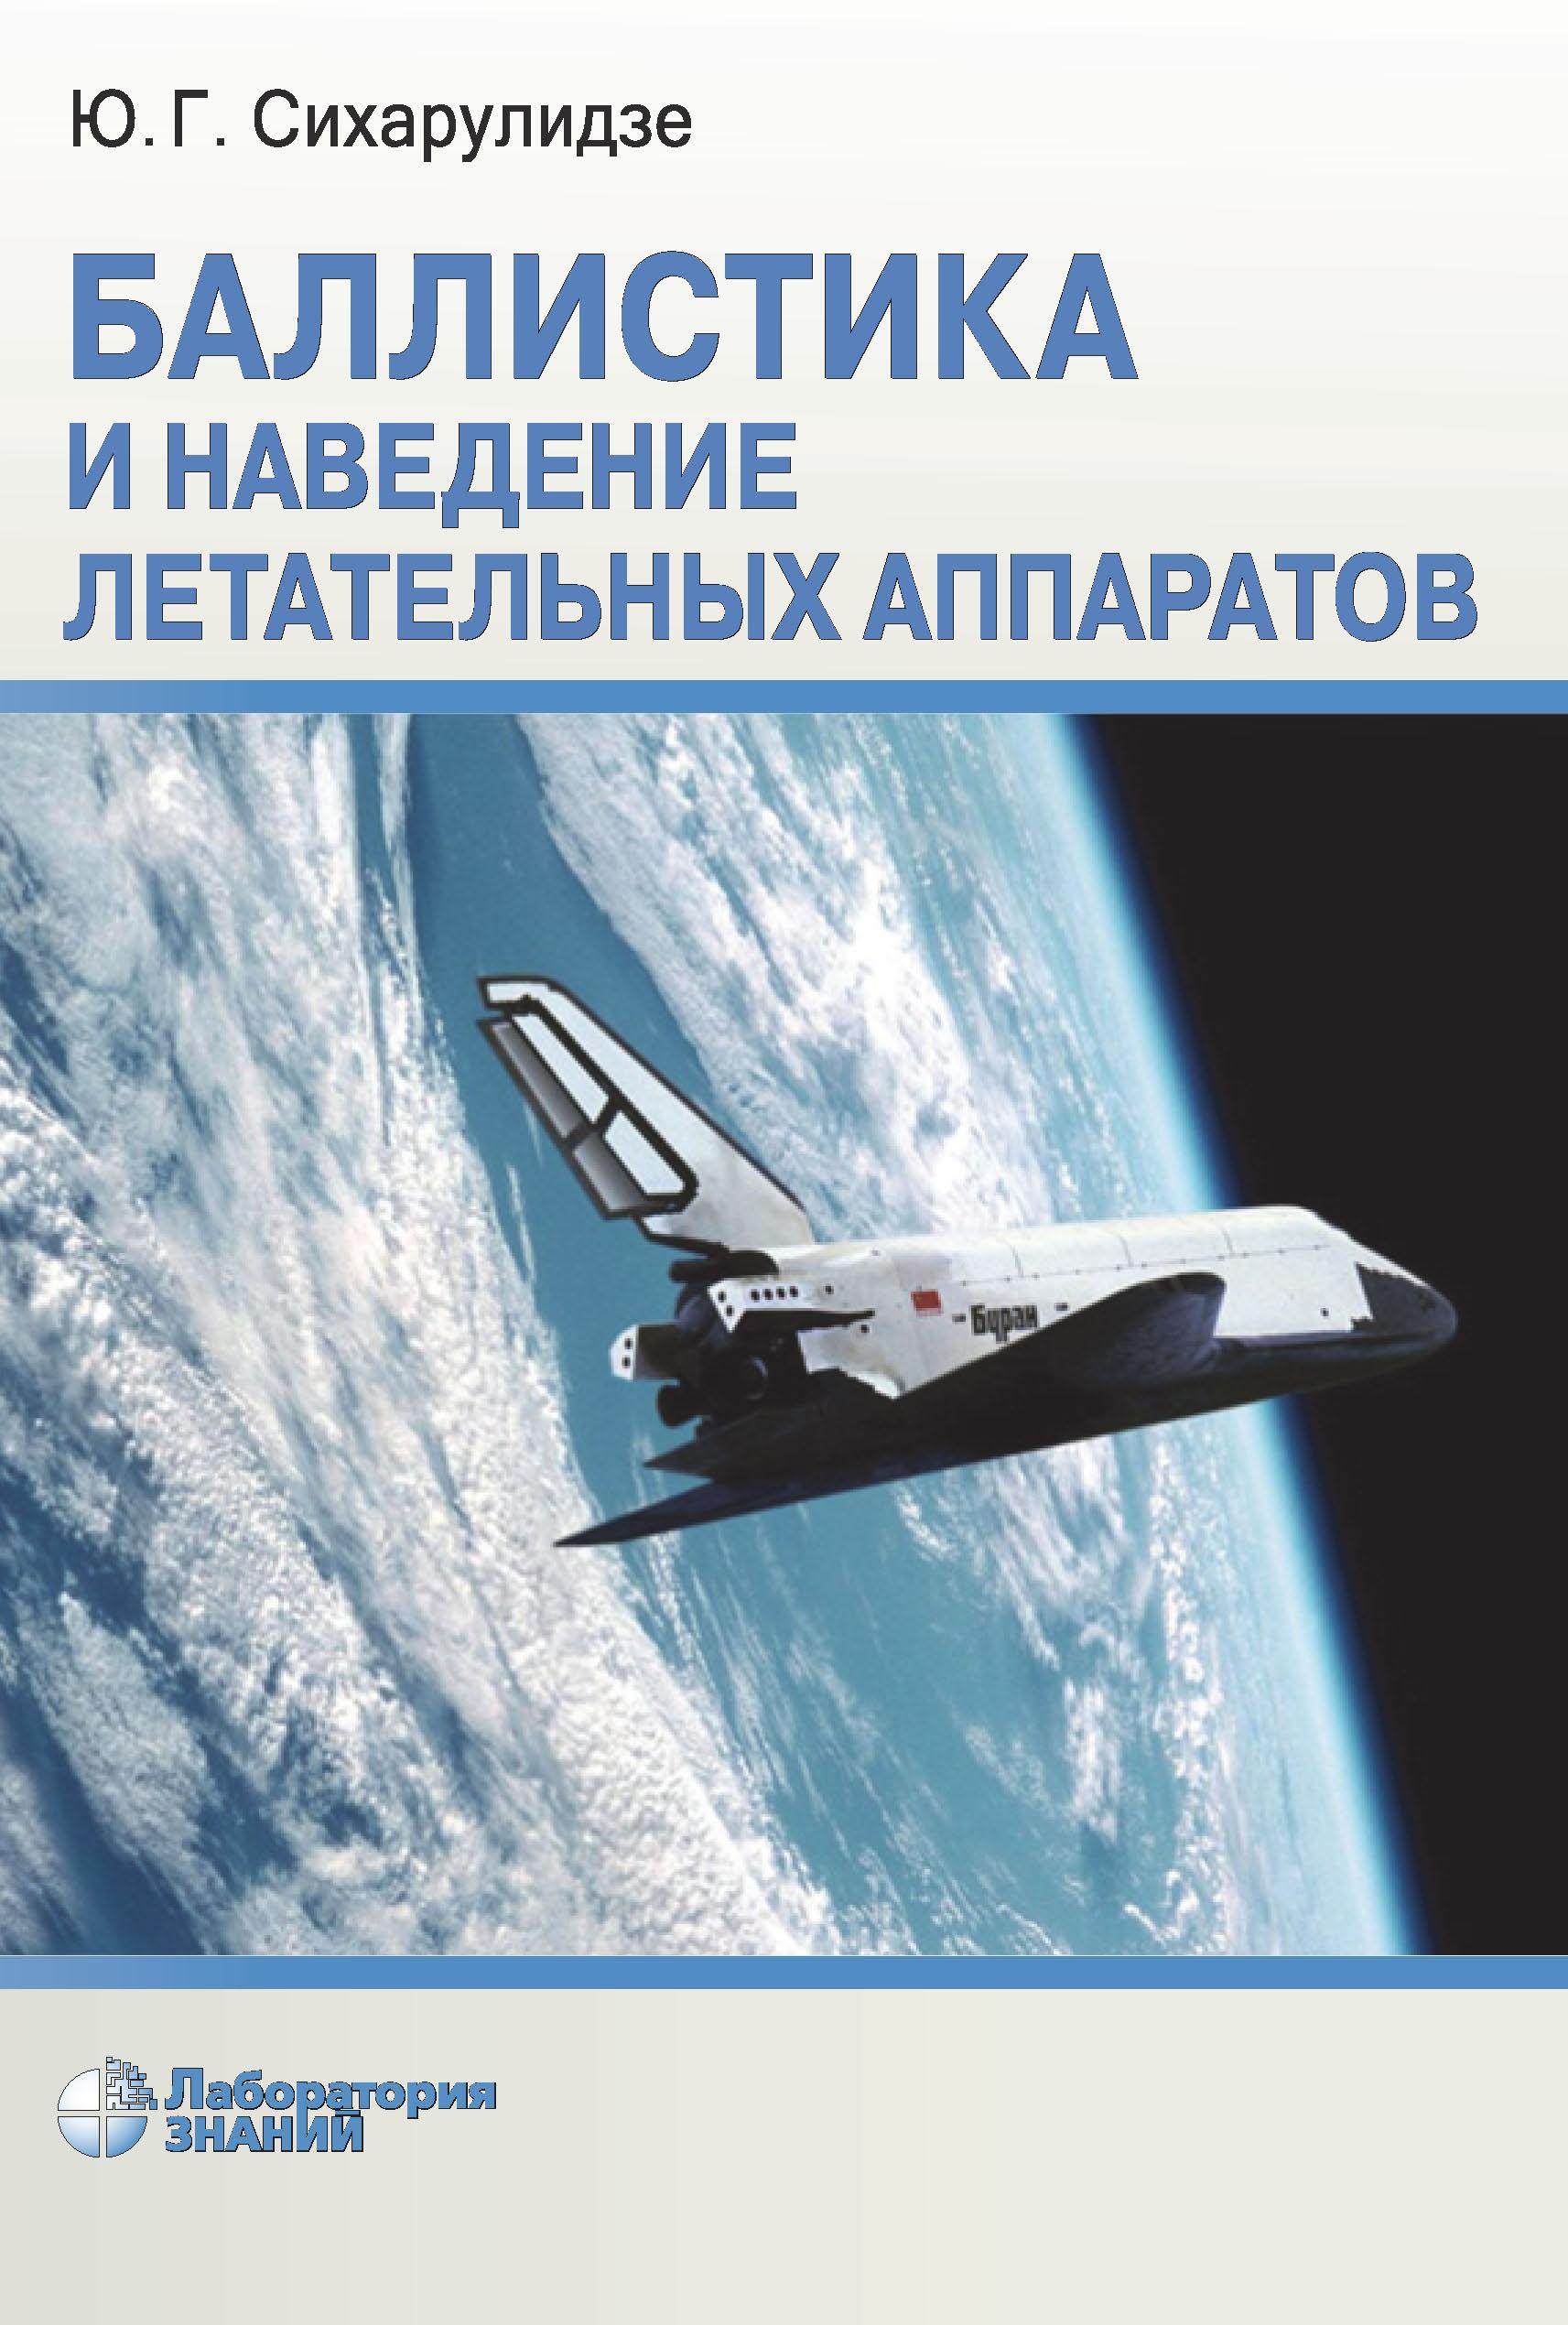 Ю. Г. Сихарулидзе Баллистика и наведение летательных аппаратов ю г сихарулидзе баллистика и наведение летательных аппаратов